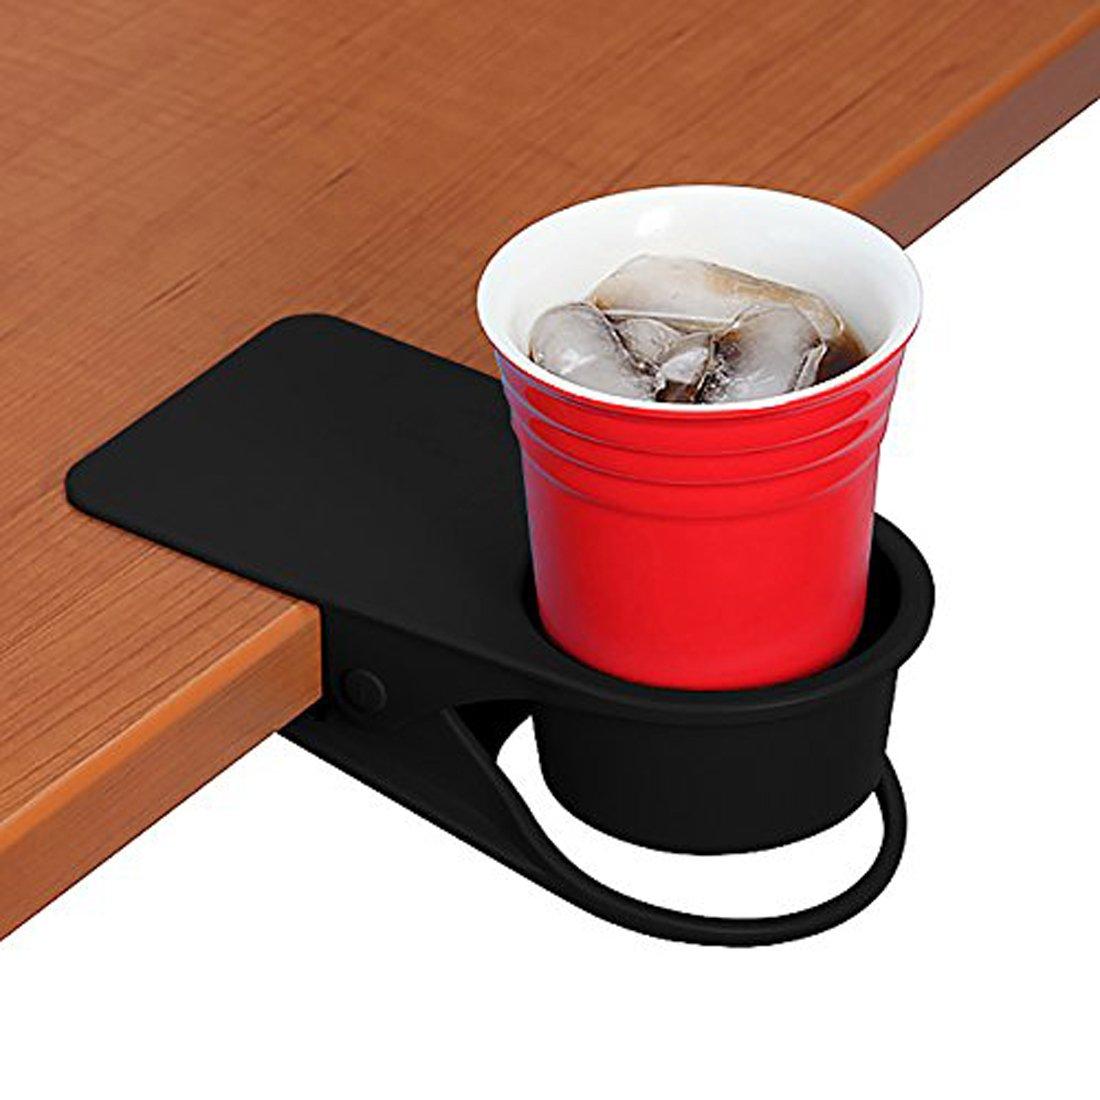 Drinking Cup Holder Clip, Home Office Table Desk Side Huge Clip Water Drink Beverage Soda Coffee Mug Holder Cup Saucer Clip Design, Black